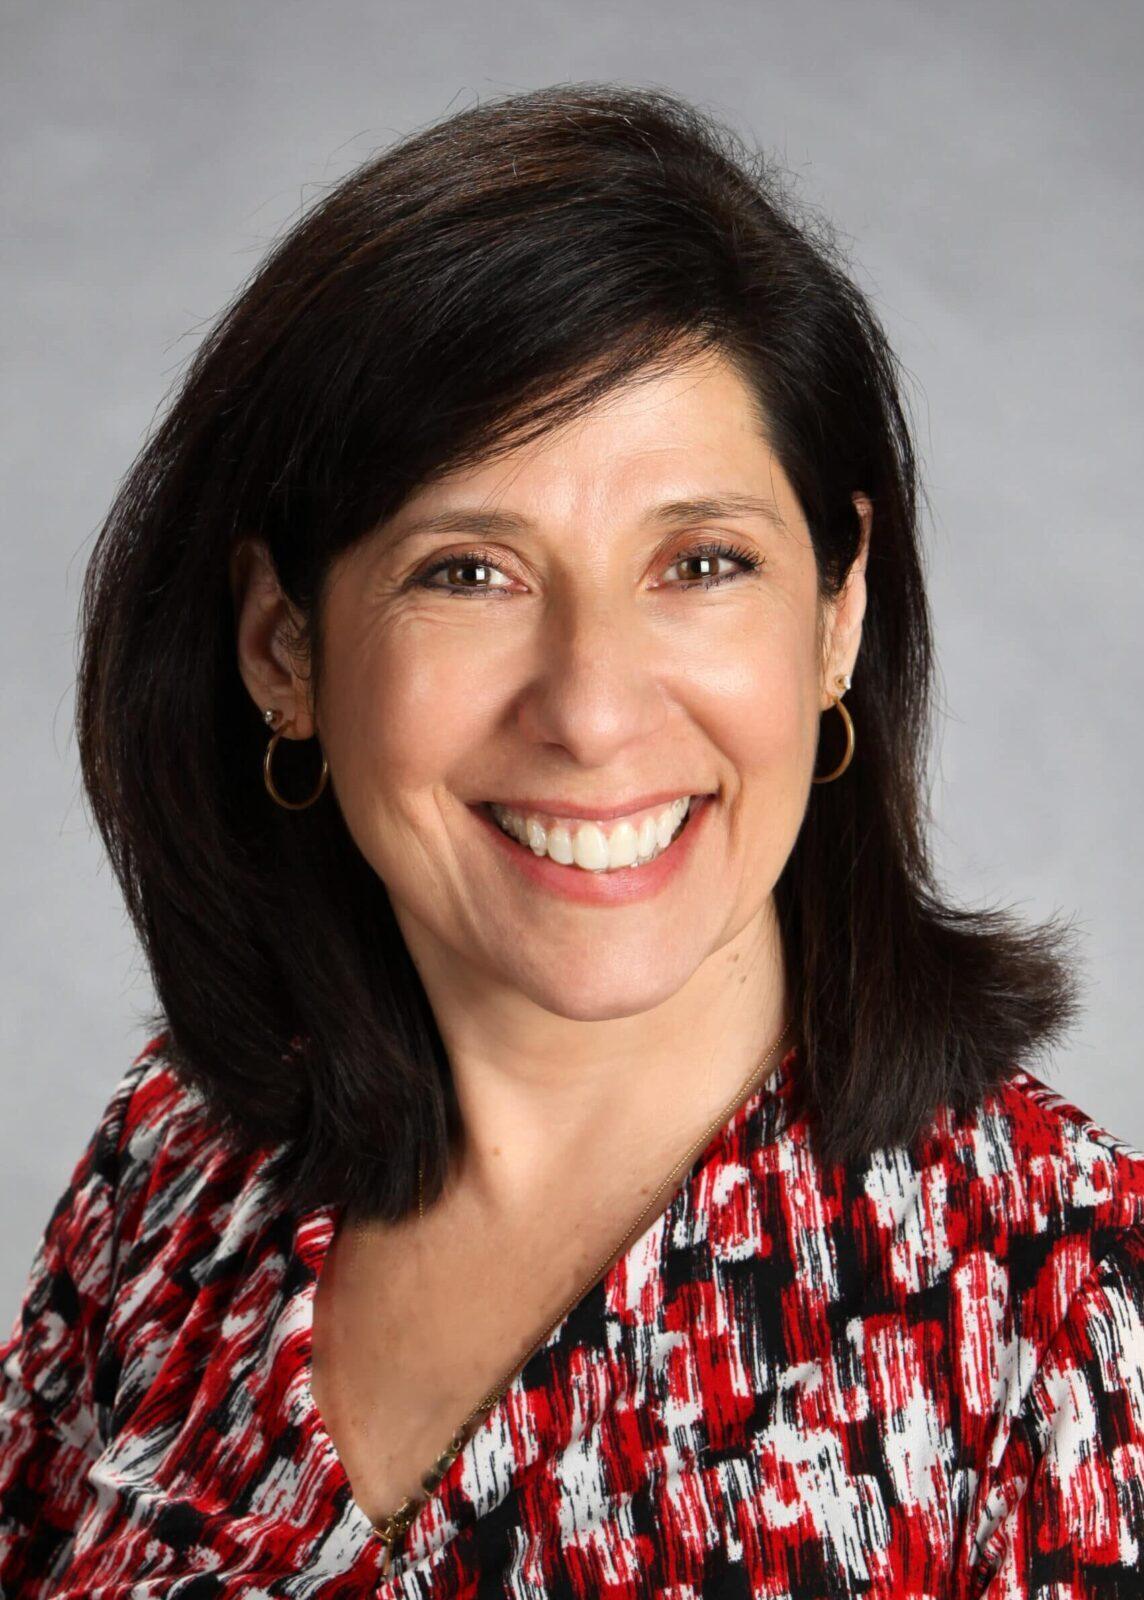 Angie McCoy